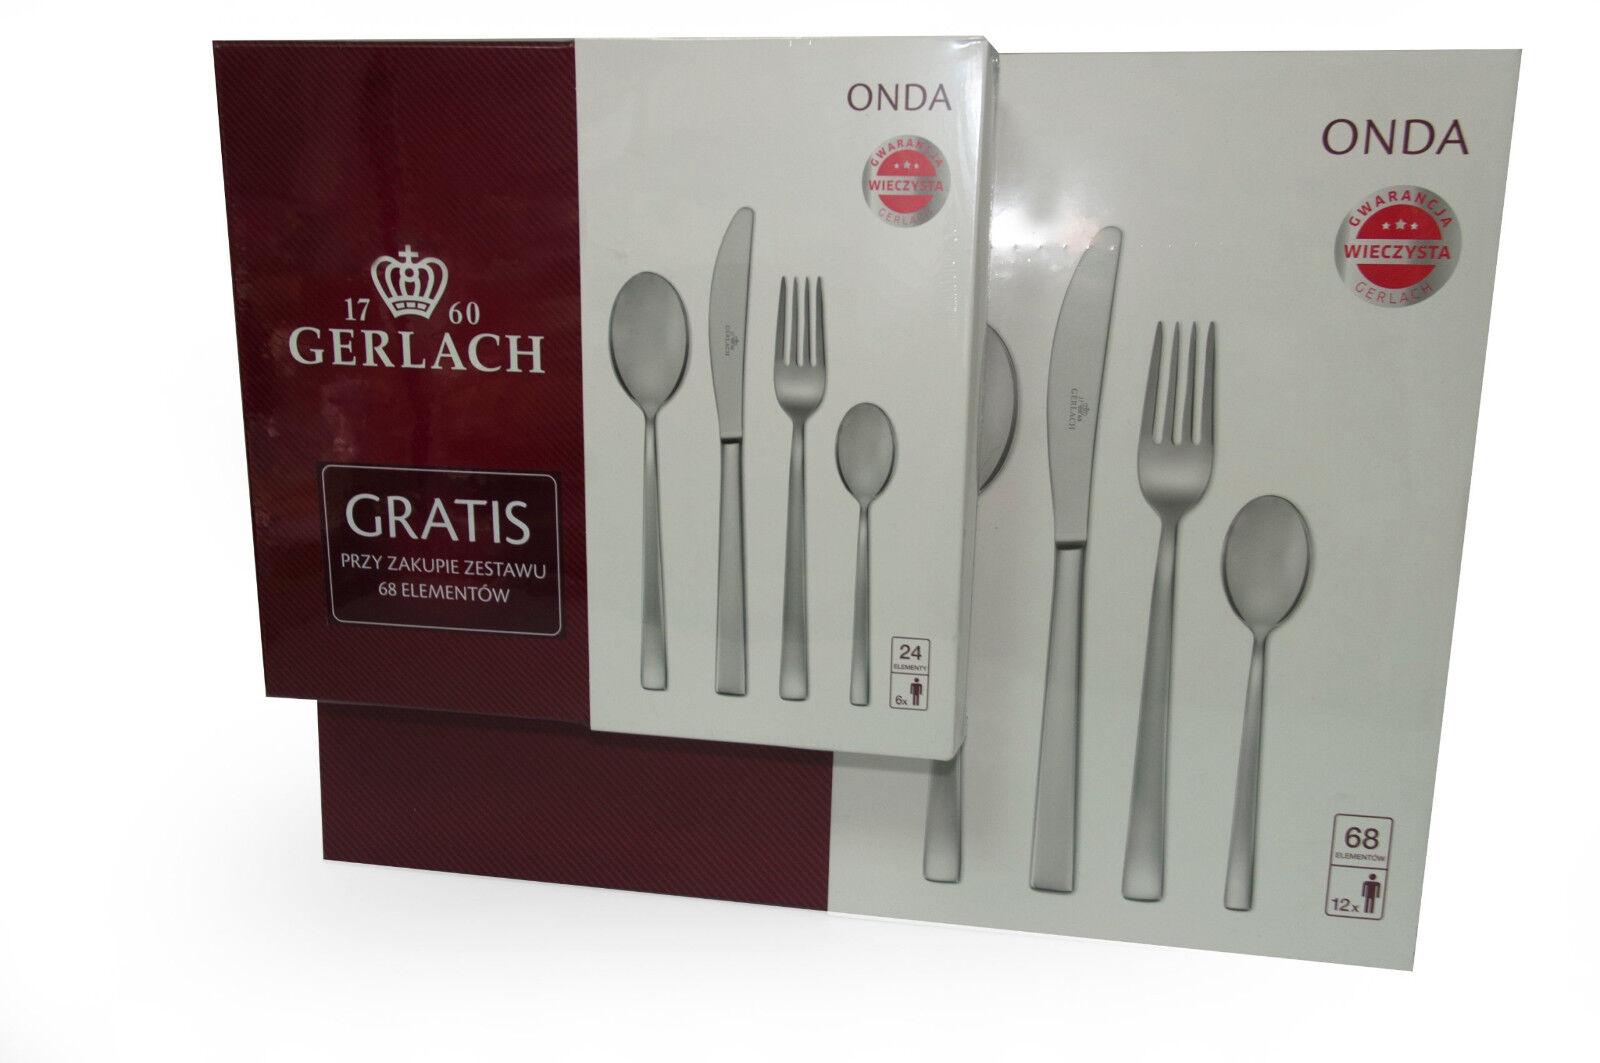 68 pcs Ensemble couverts Gerlach set couverts Couverts haute qualité + 24 pièces gratuit